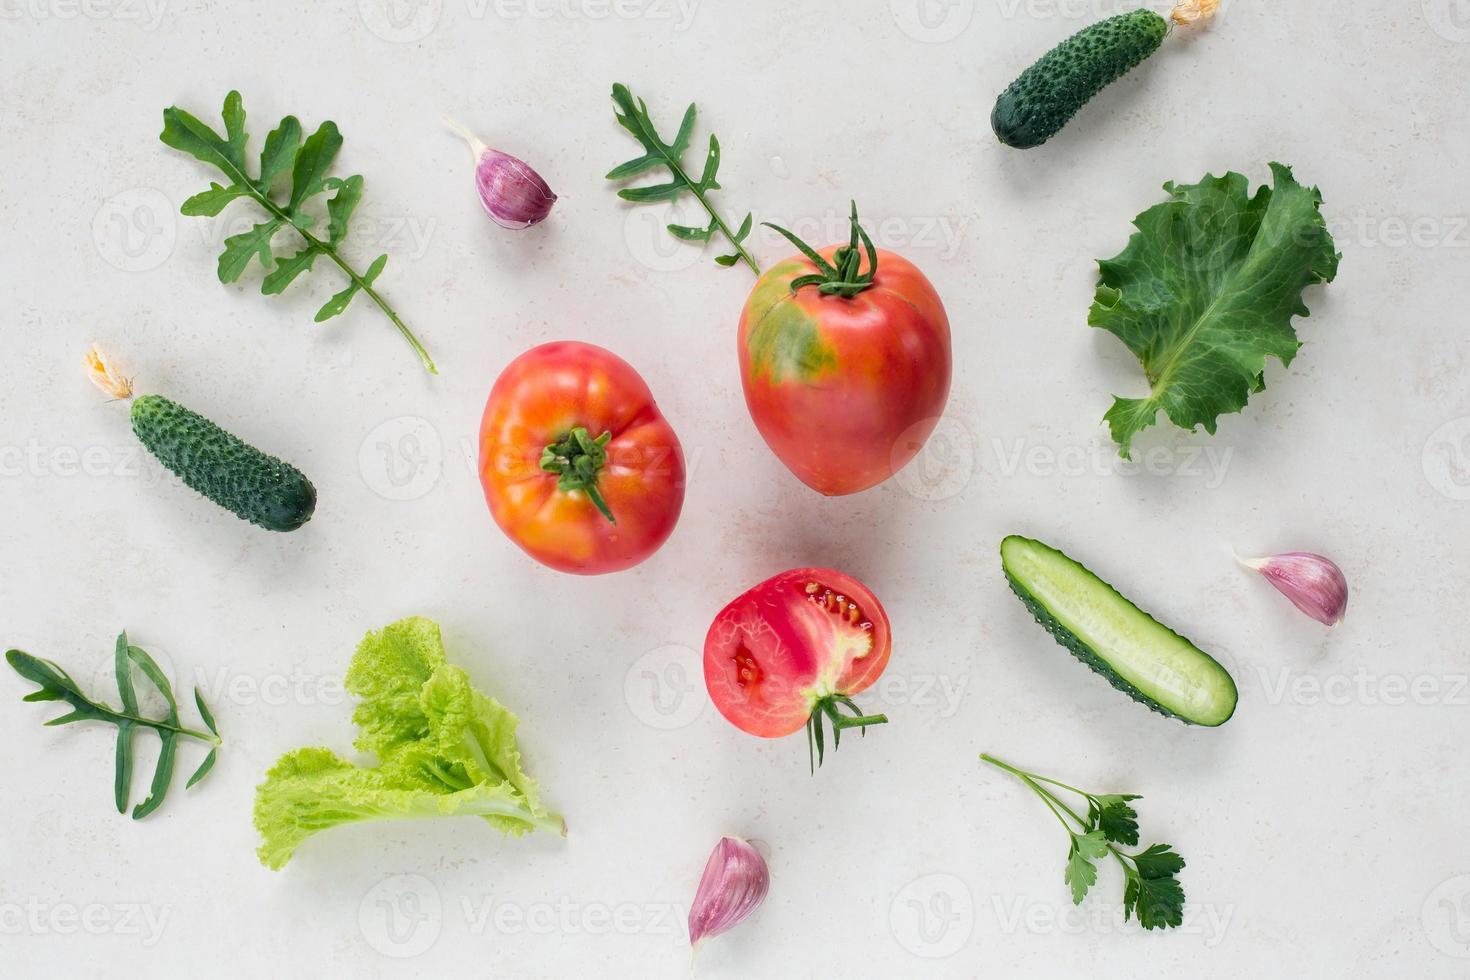 vista dall'alto del modello di verdure fresche foto